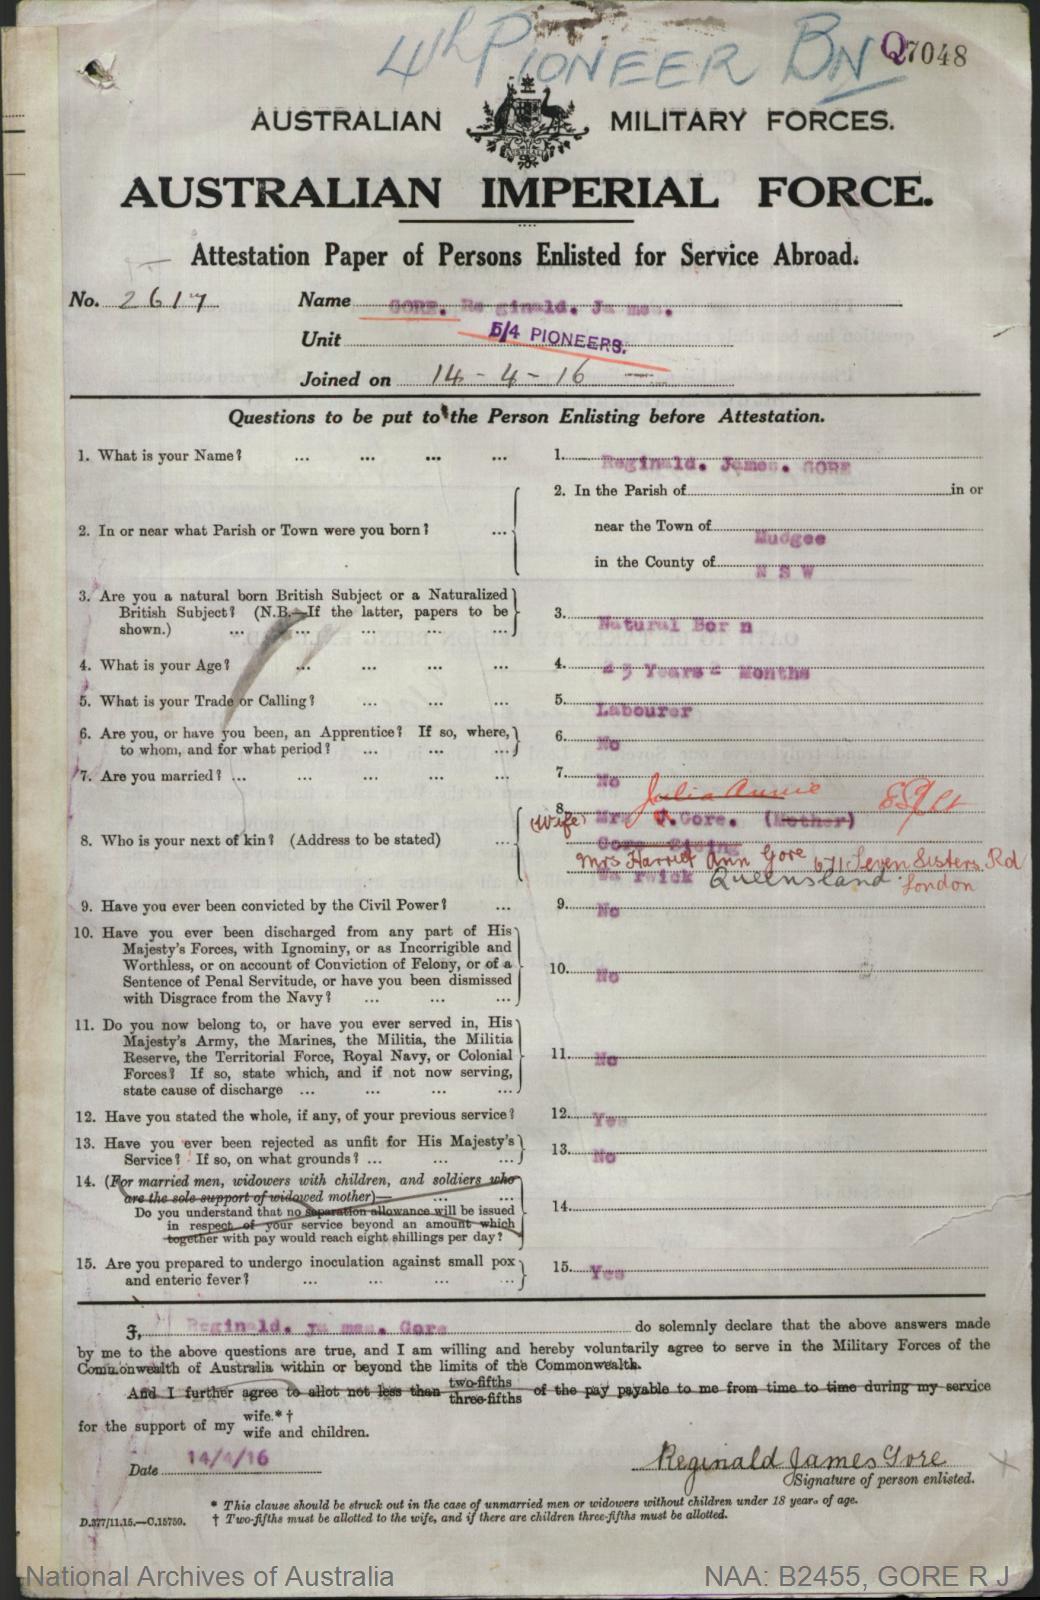 Gore Reginald James : SERN 2617 : POB Mudgee NSW : POE Toowoomba QLD : NOK W Gore Harriet Ann